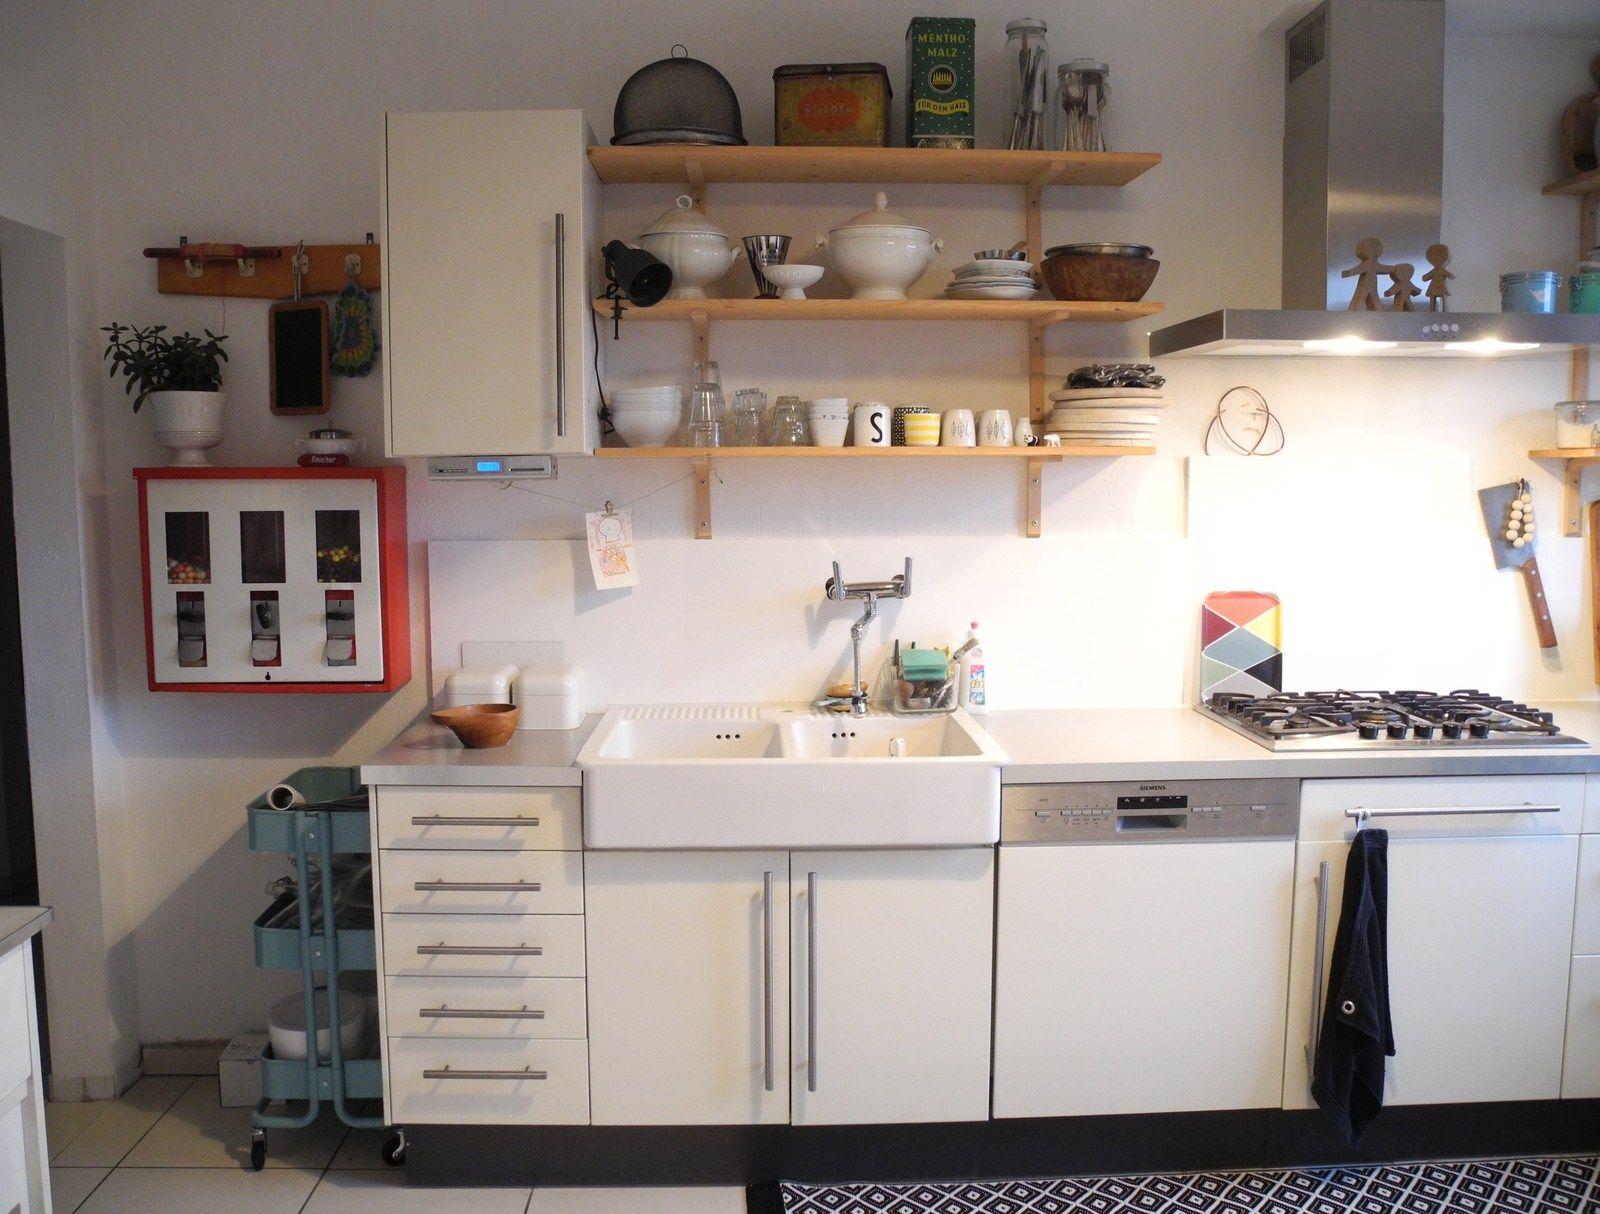 Full Size of Ikea Modulküche Värde Vrde Kche Regal Miniküche Holz Betten 160x200 Küche Kosten Kaufen Bei Sofa Mit Schlaffunktion Wohnzimmer Ikea Modulküche Värde